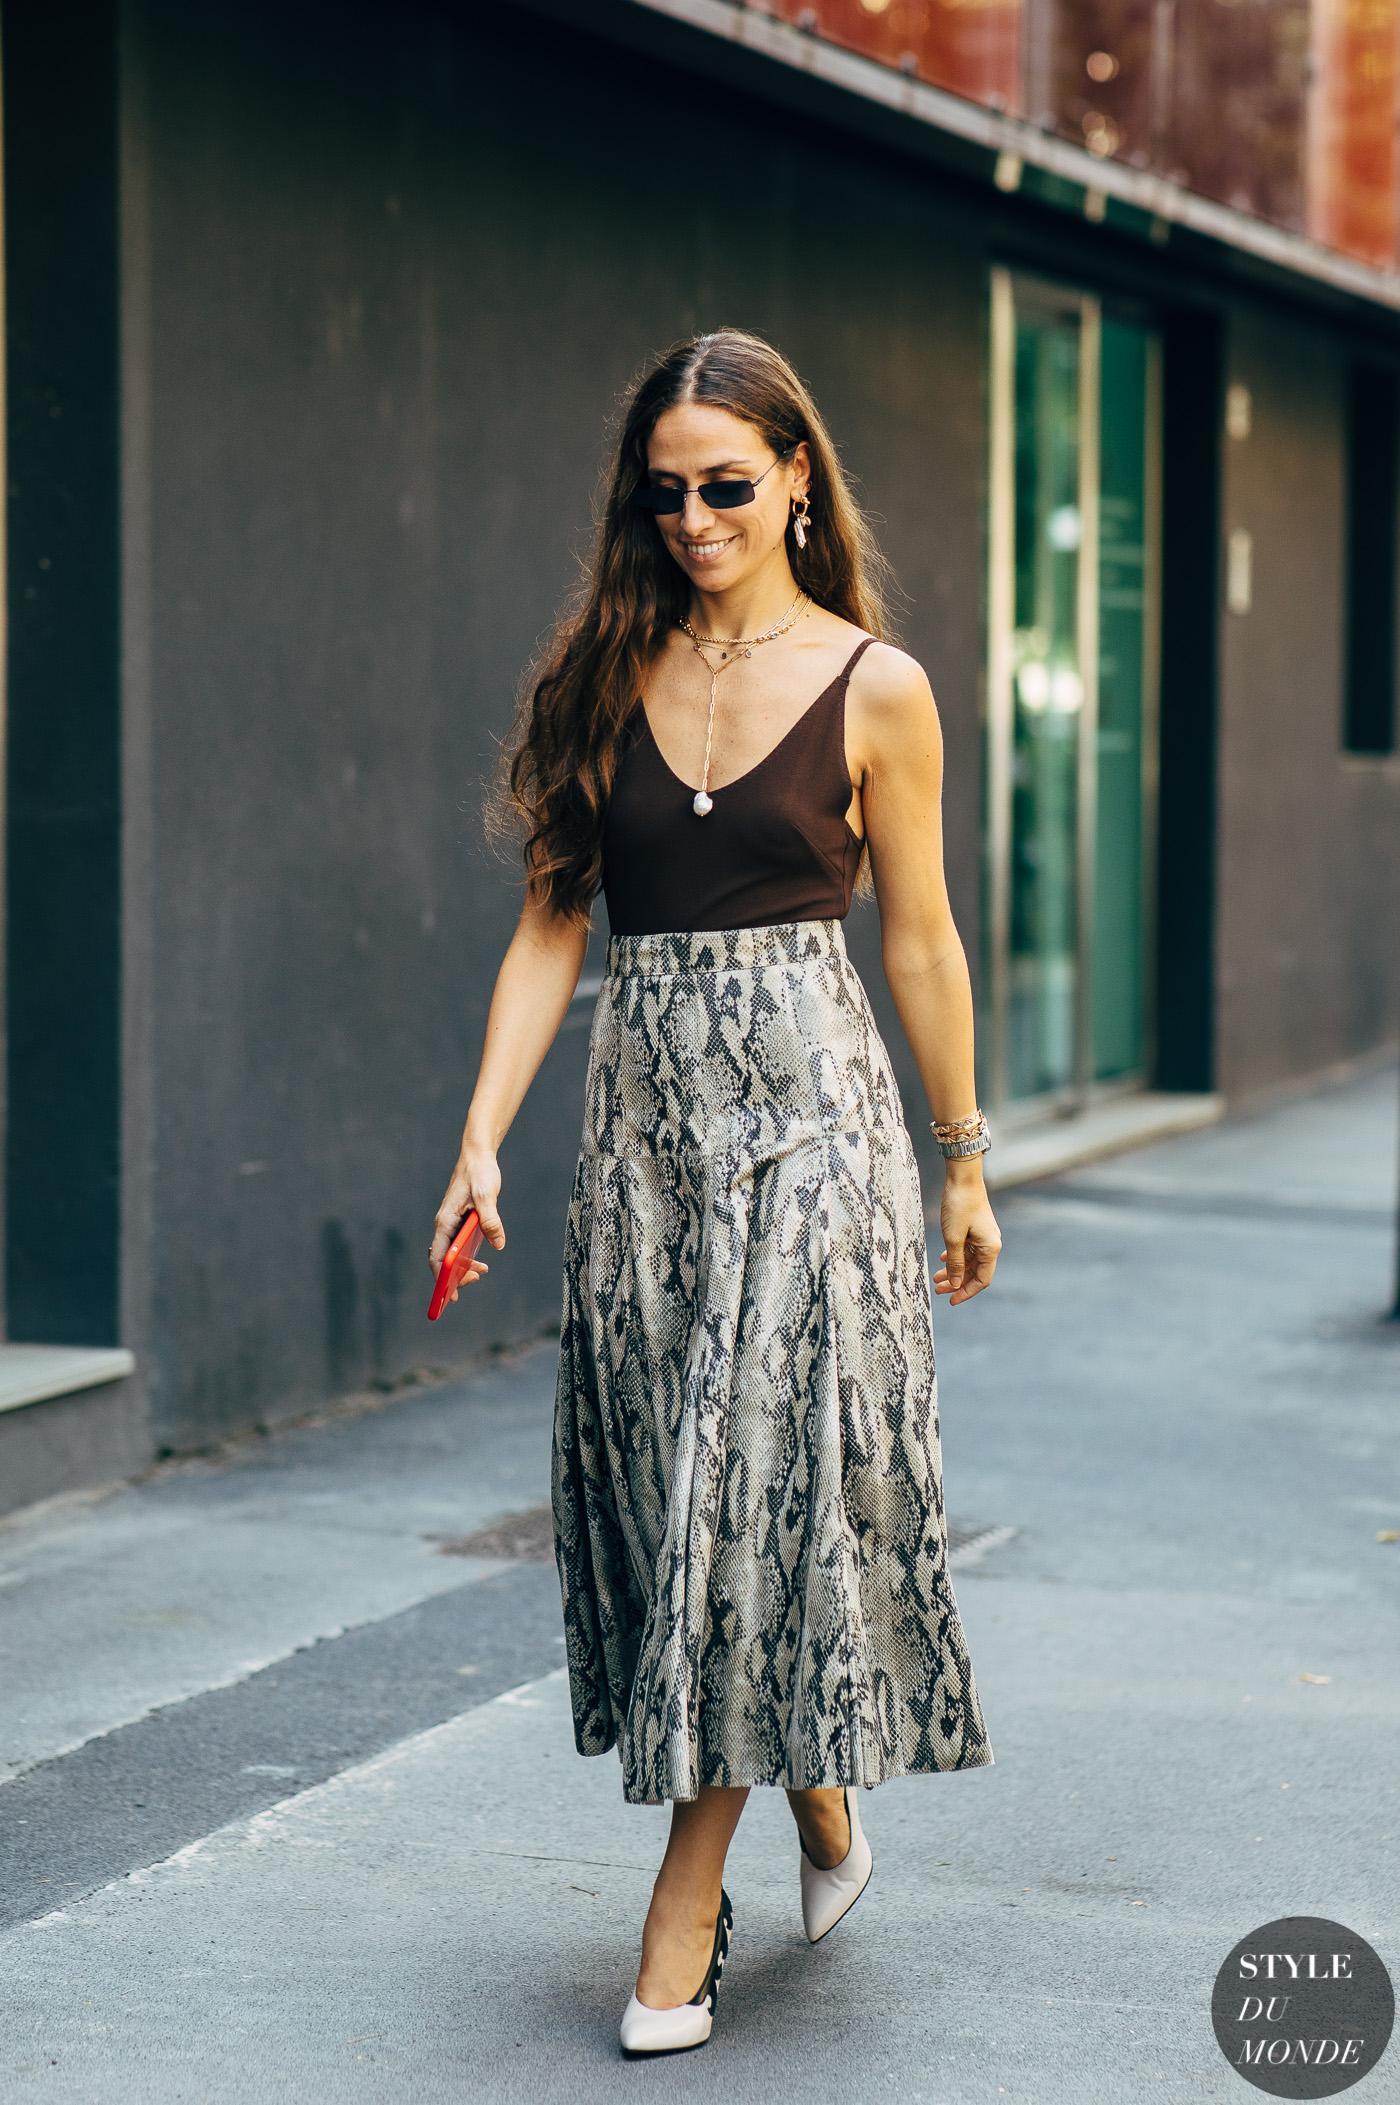 Fashionista mặc áo cami với chân váy suông họa tiết da rắn